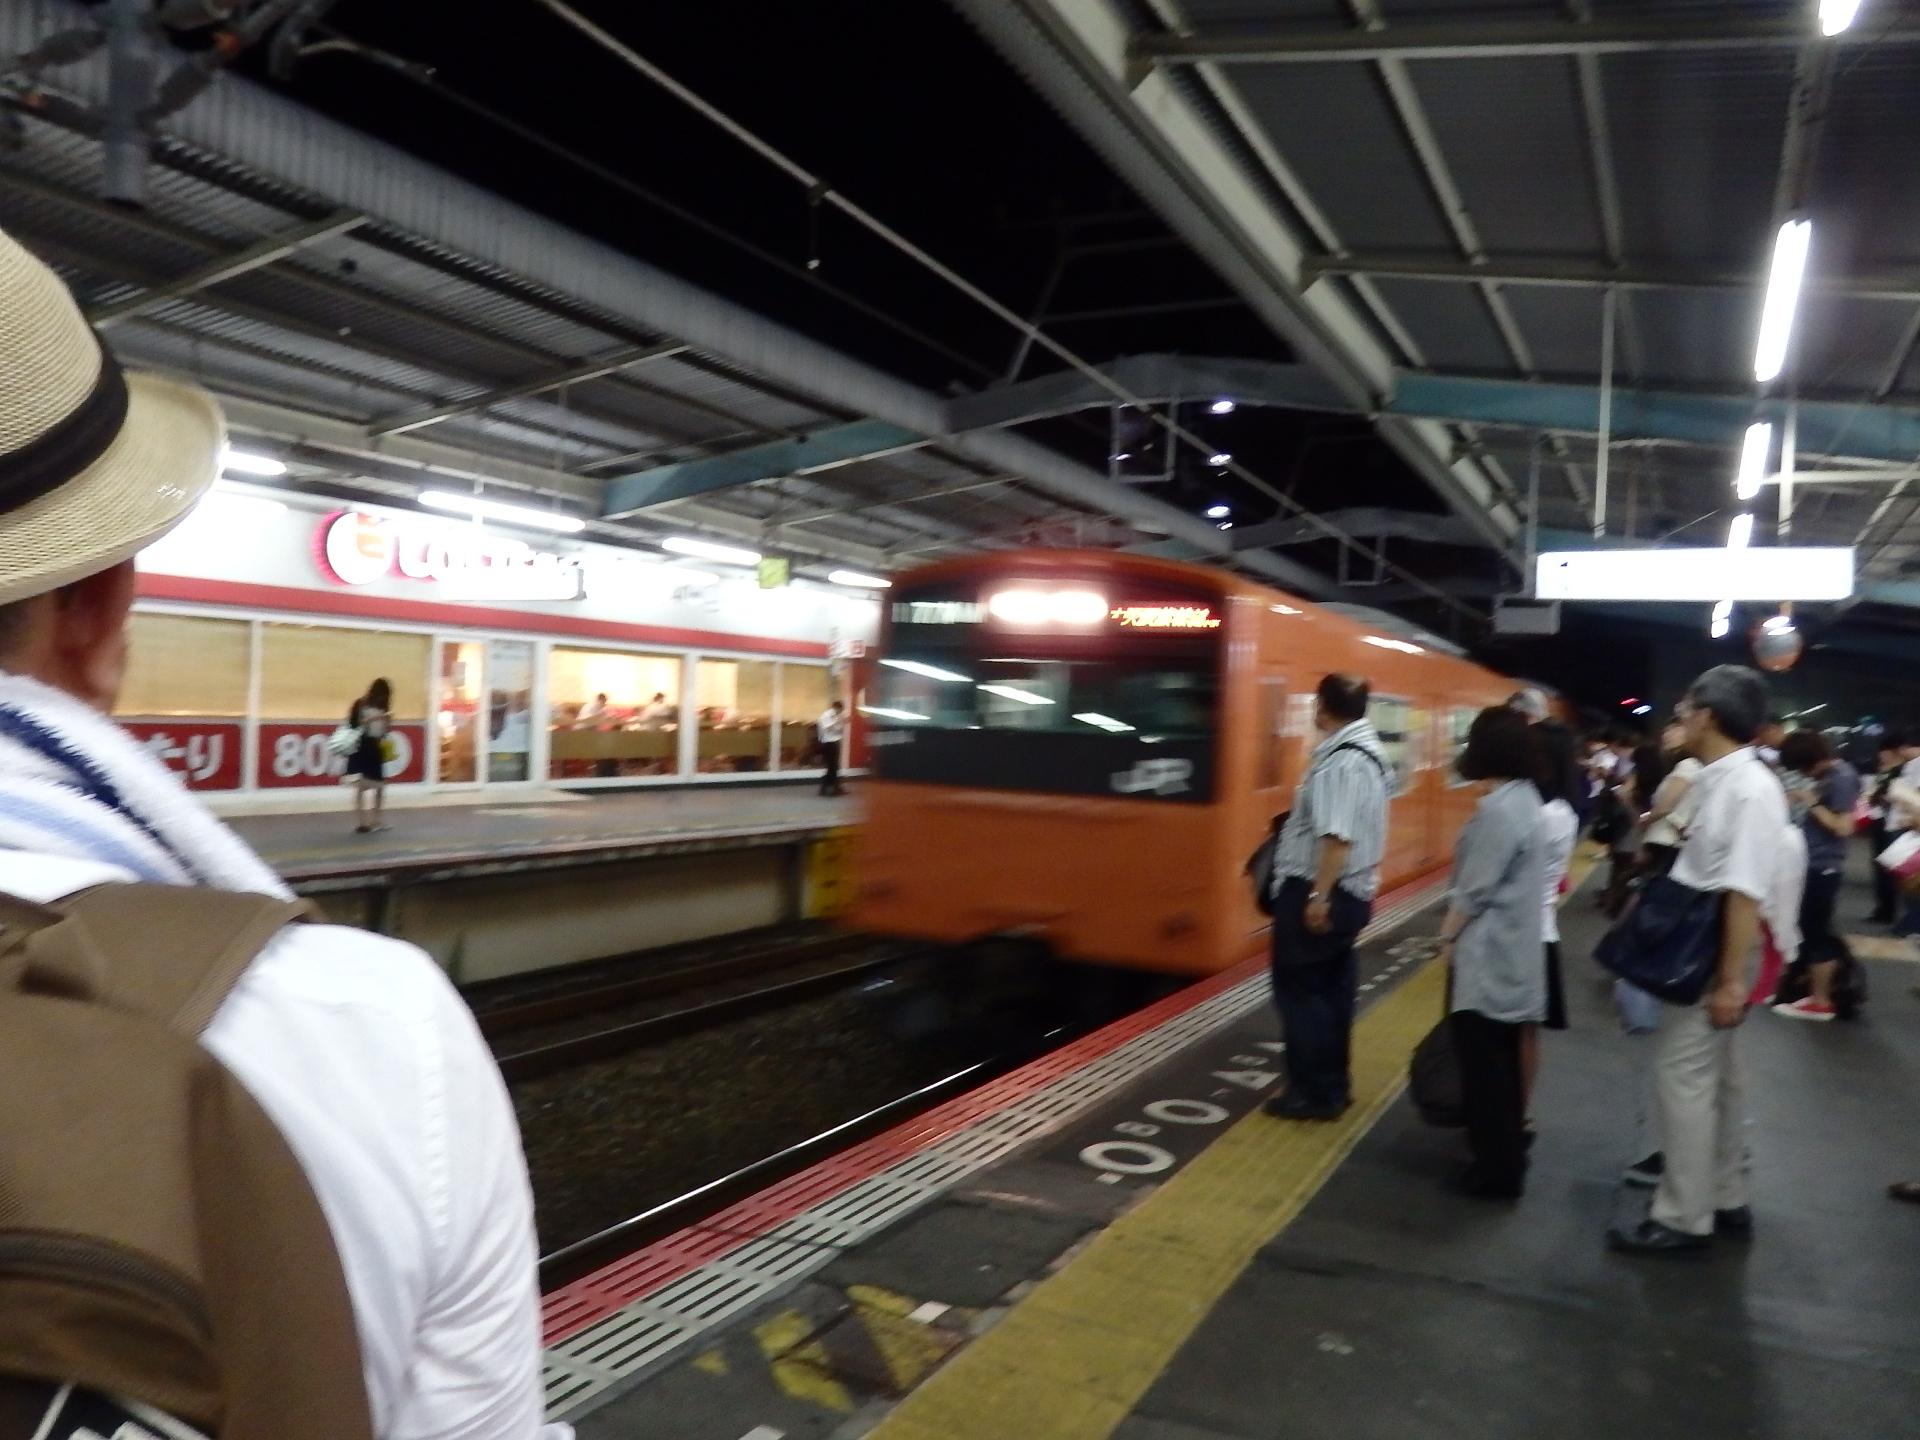 ほぼ満員の内回り電車です。